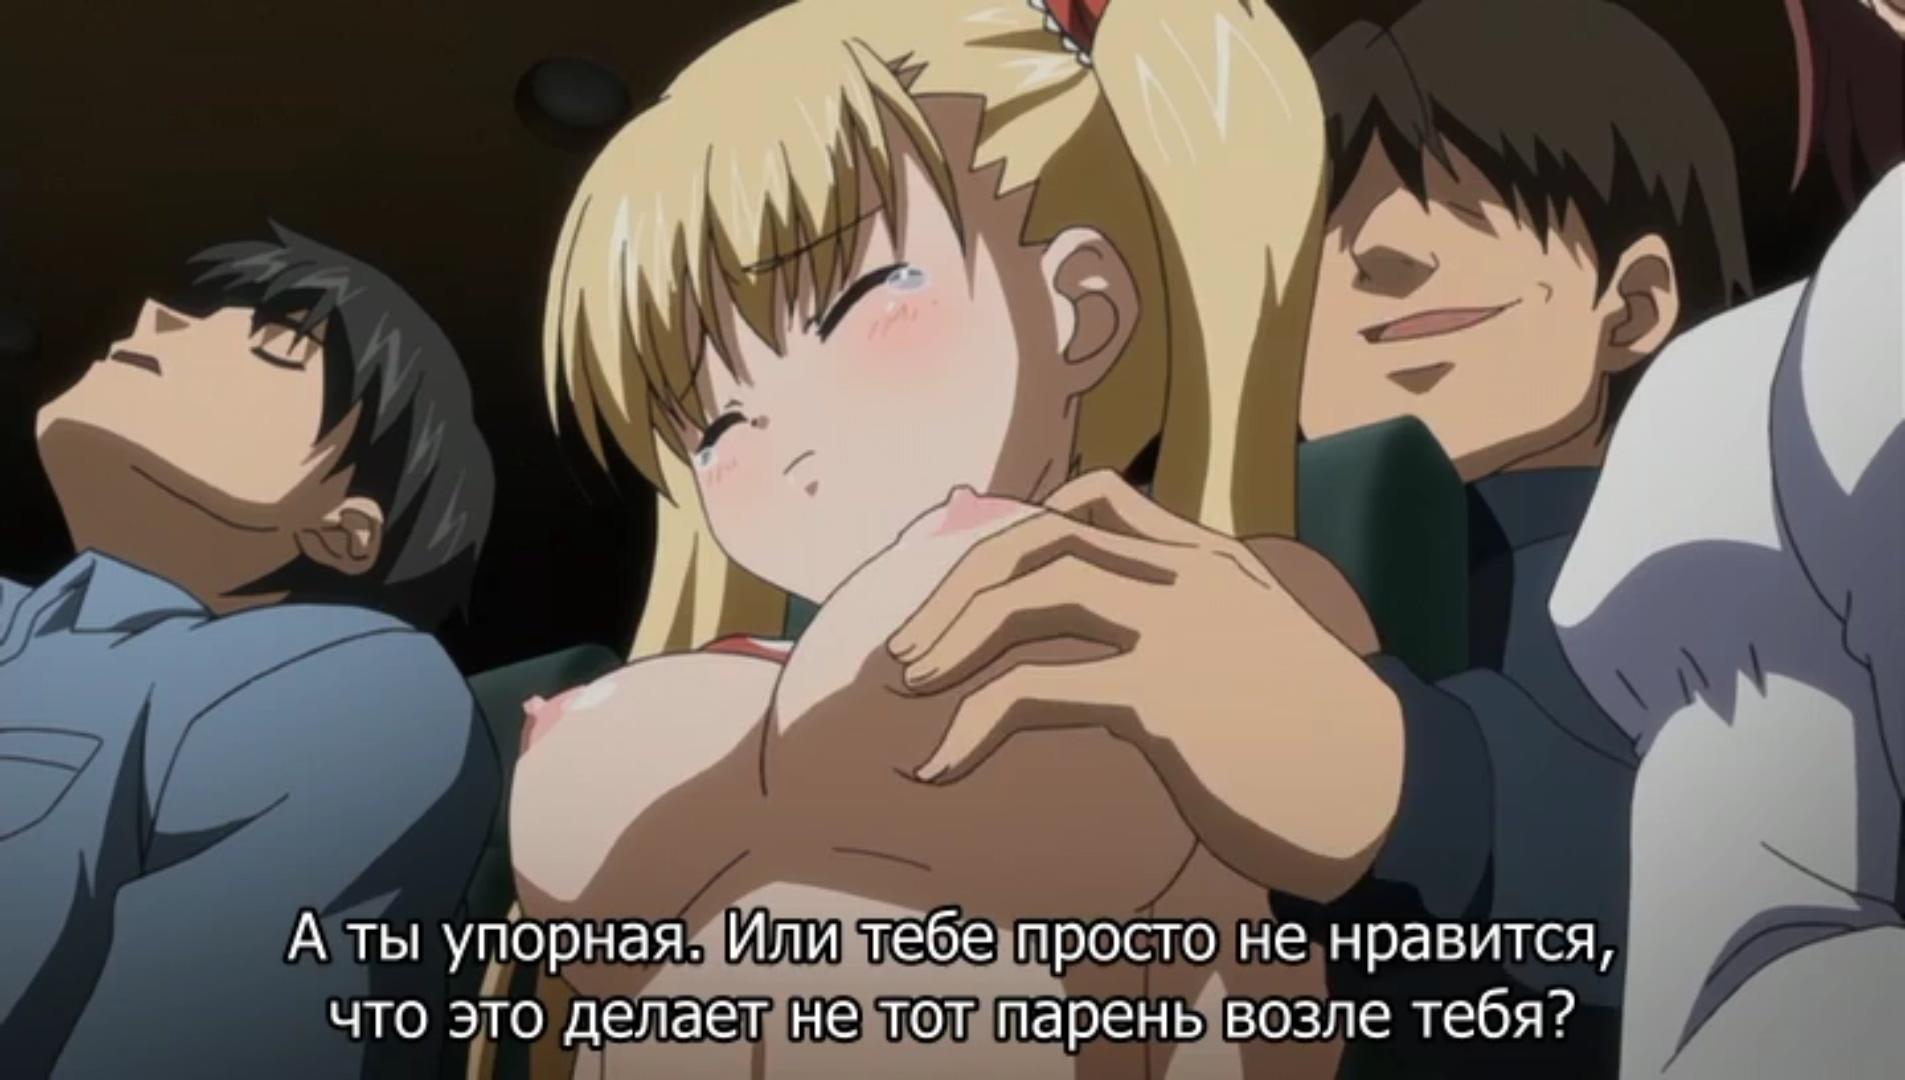 Смотреть хентай онлайн на русском языке  Страница 13